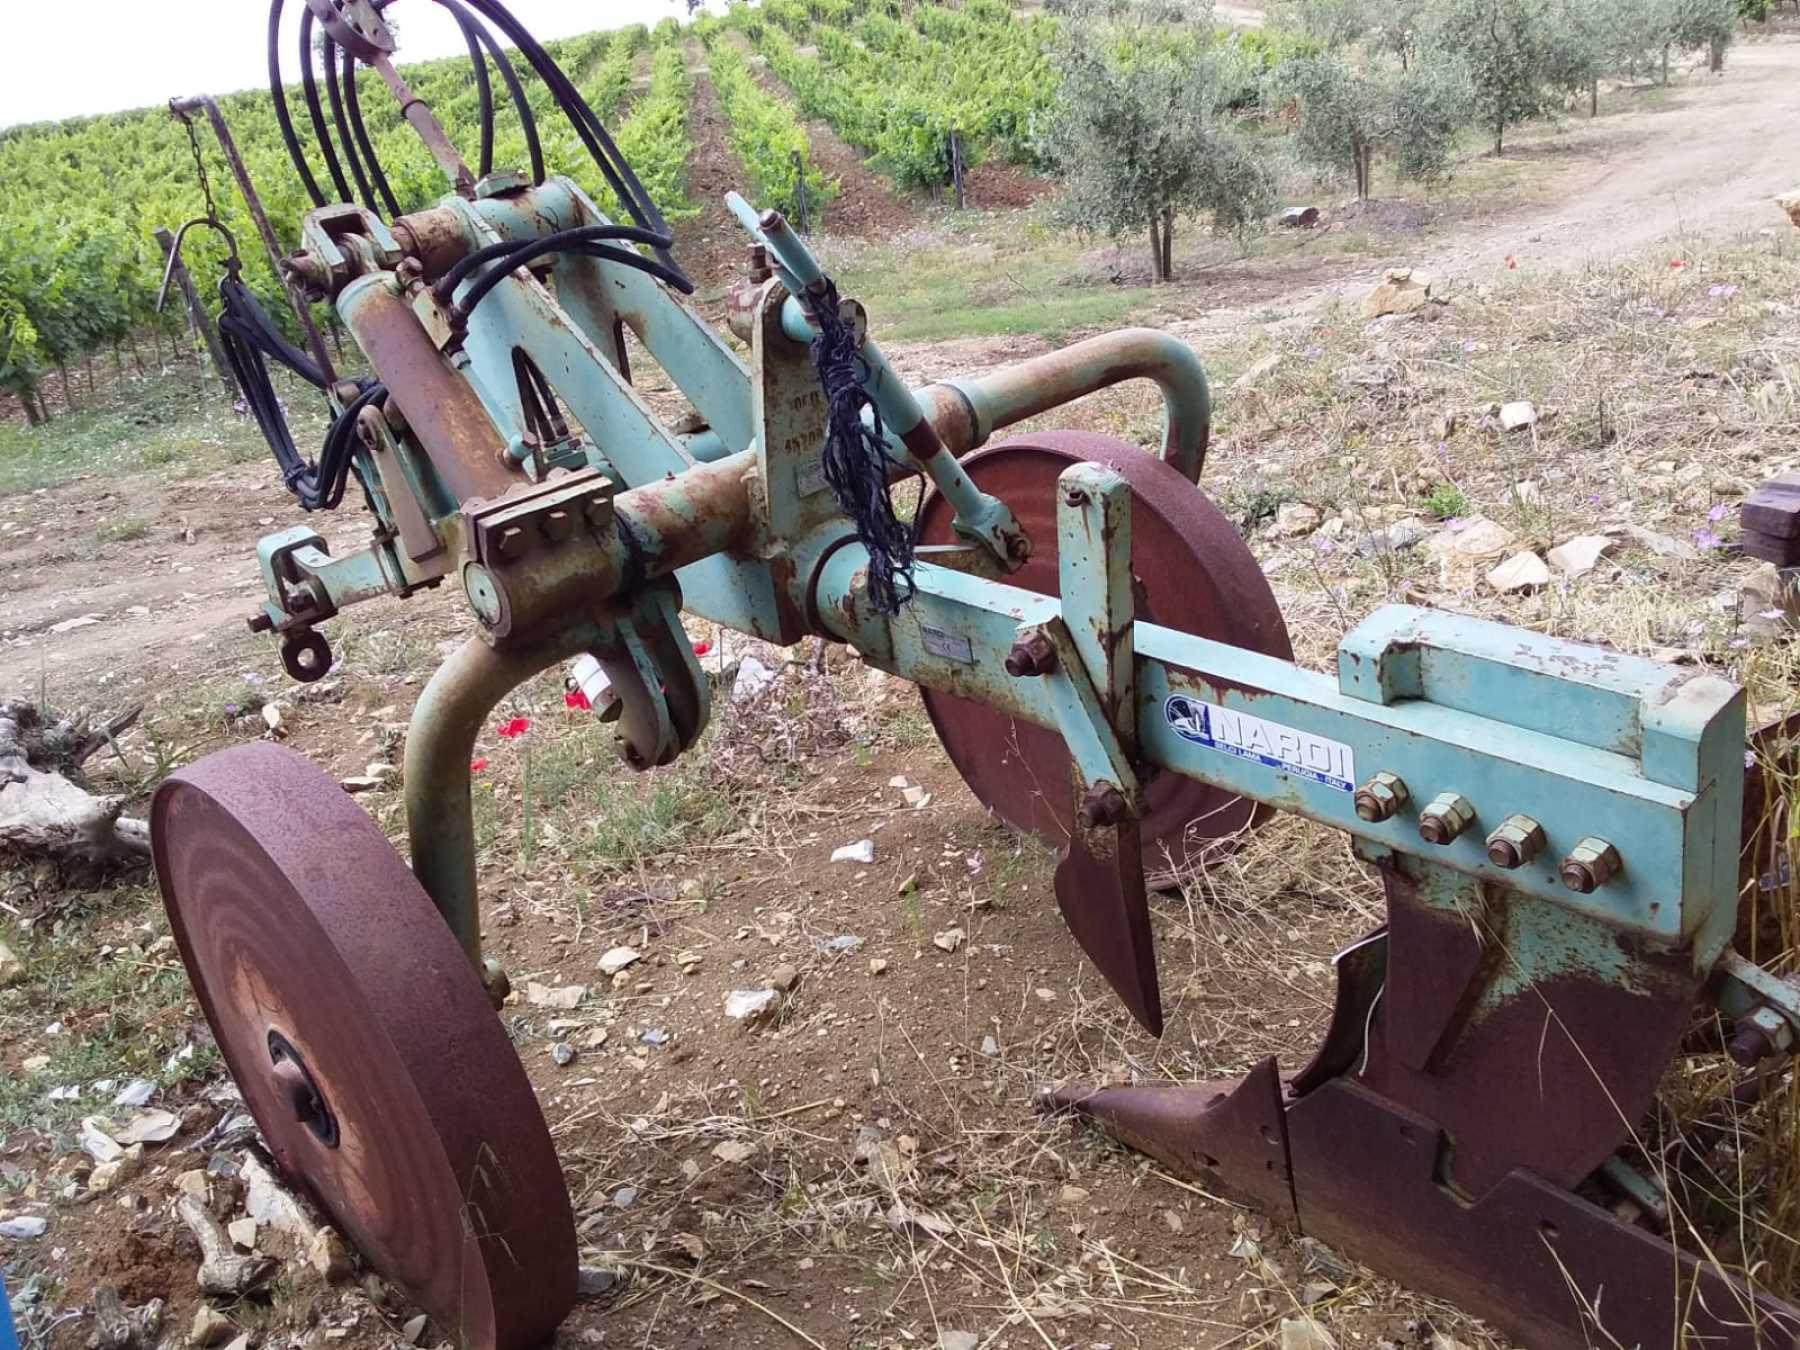 Aratro monovomere in ottime condizioni. Idraulico.